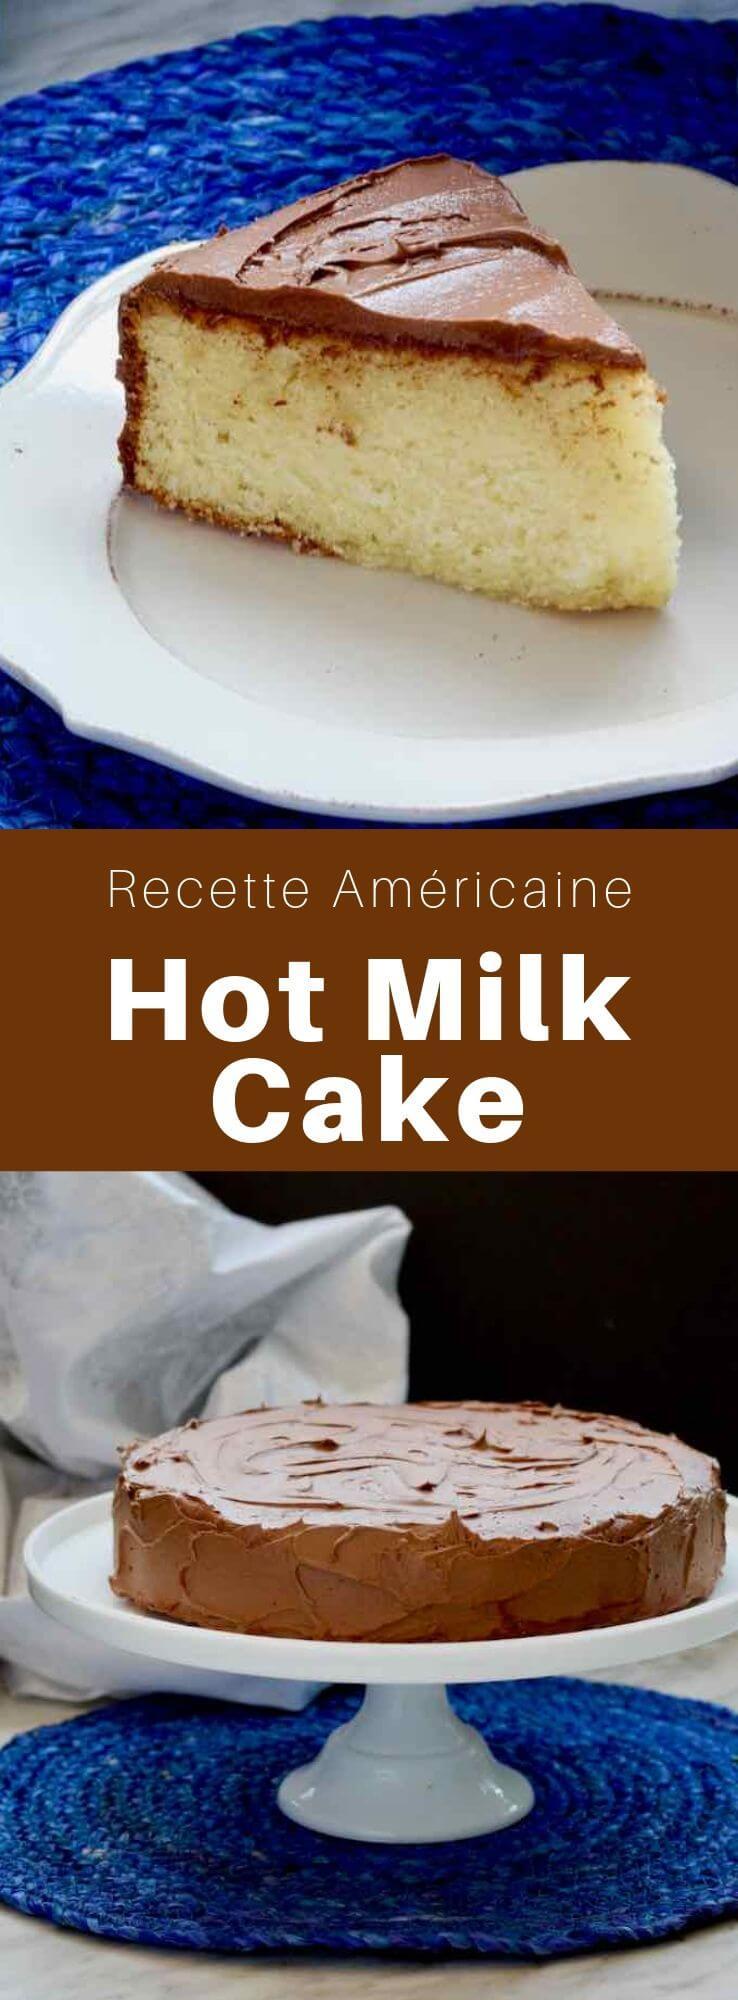 Le hot milk cake est un gâteau au lait chaud traditionnel gâteau du Mid-Atlantic aux Etats Unis. Il est garni d'un glaçage moka. #RecetteAmericaine #CuisineAmericaine #CuisineDuMonde #196flavors